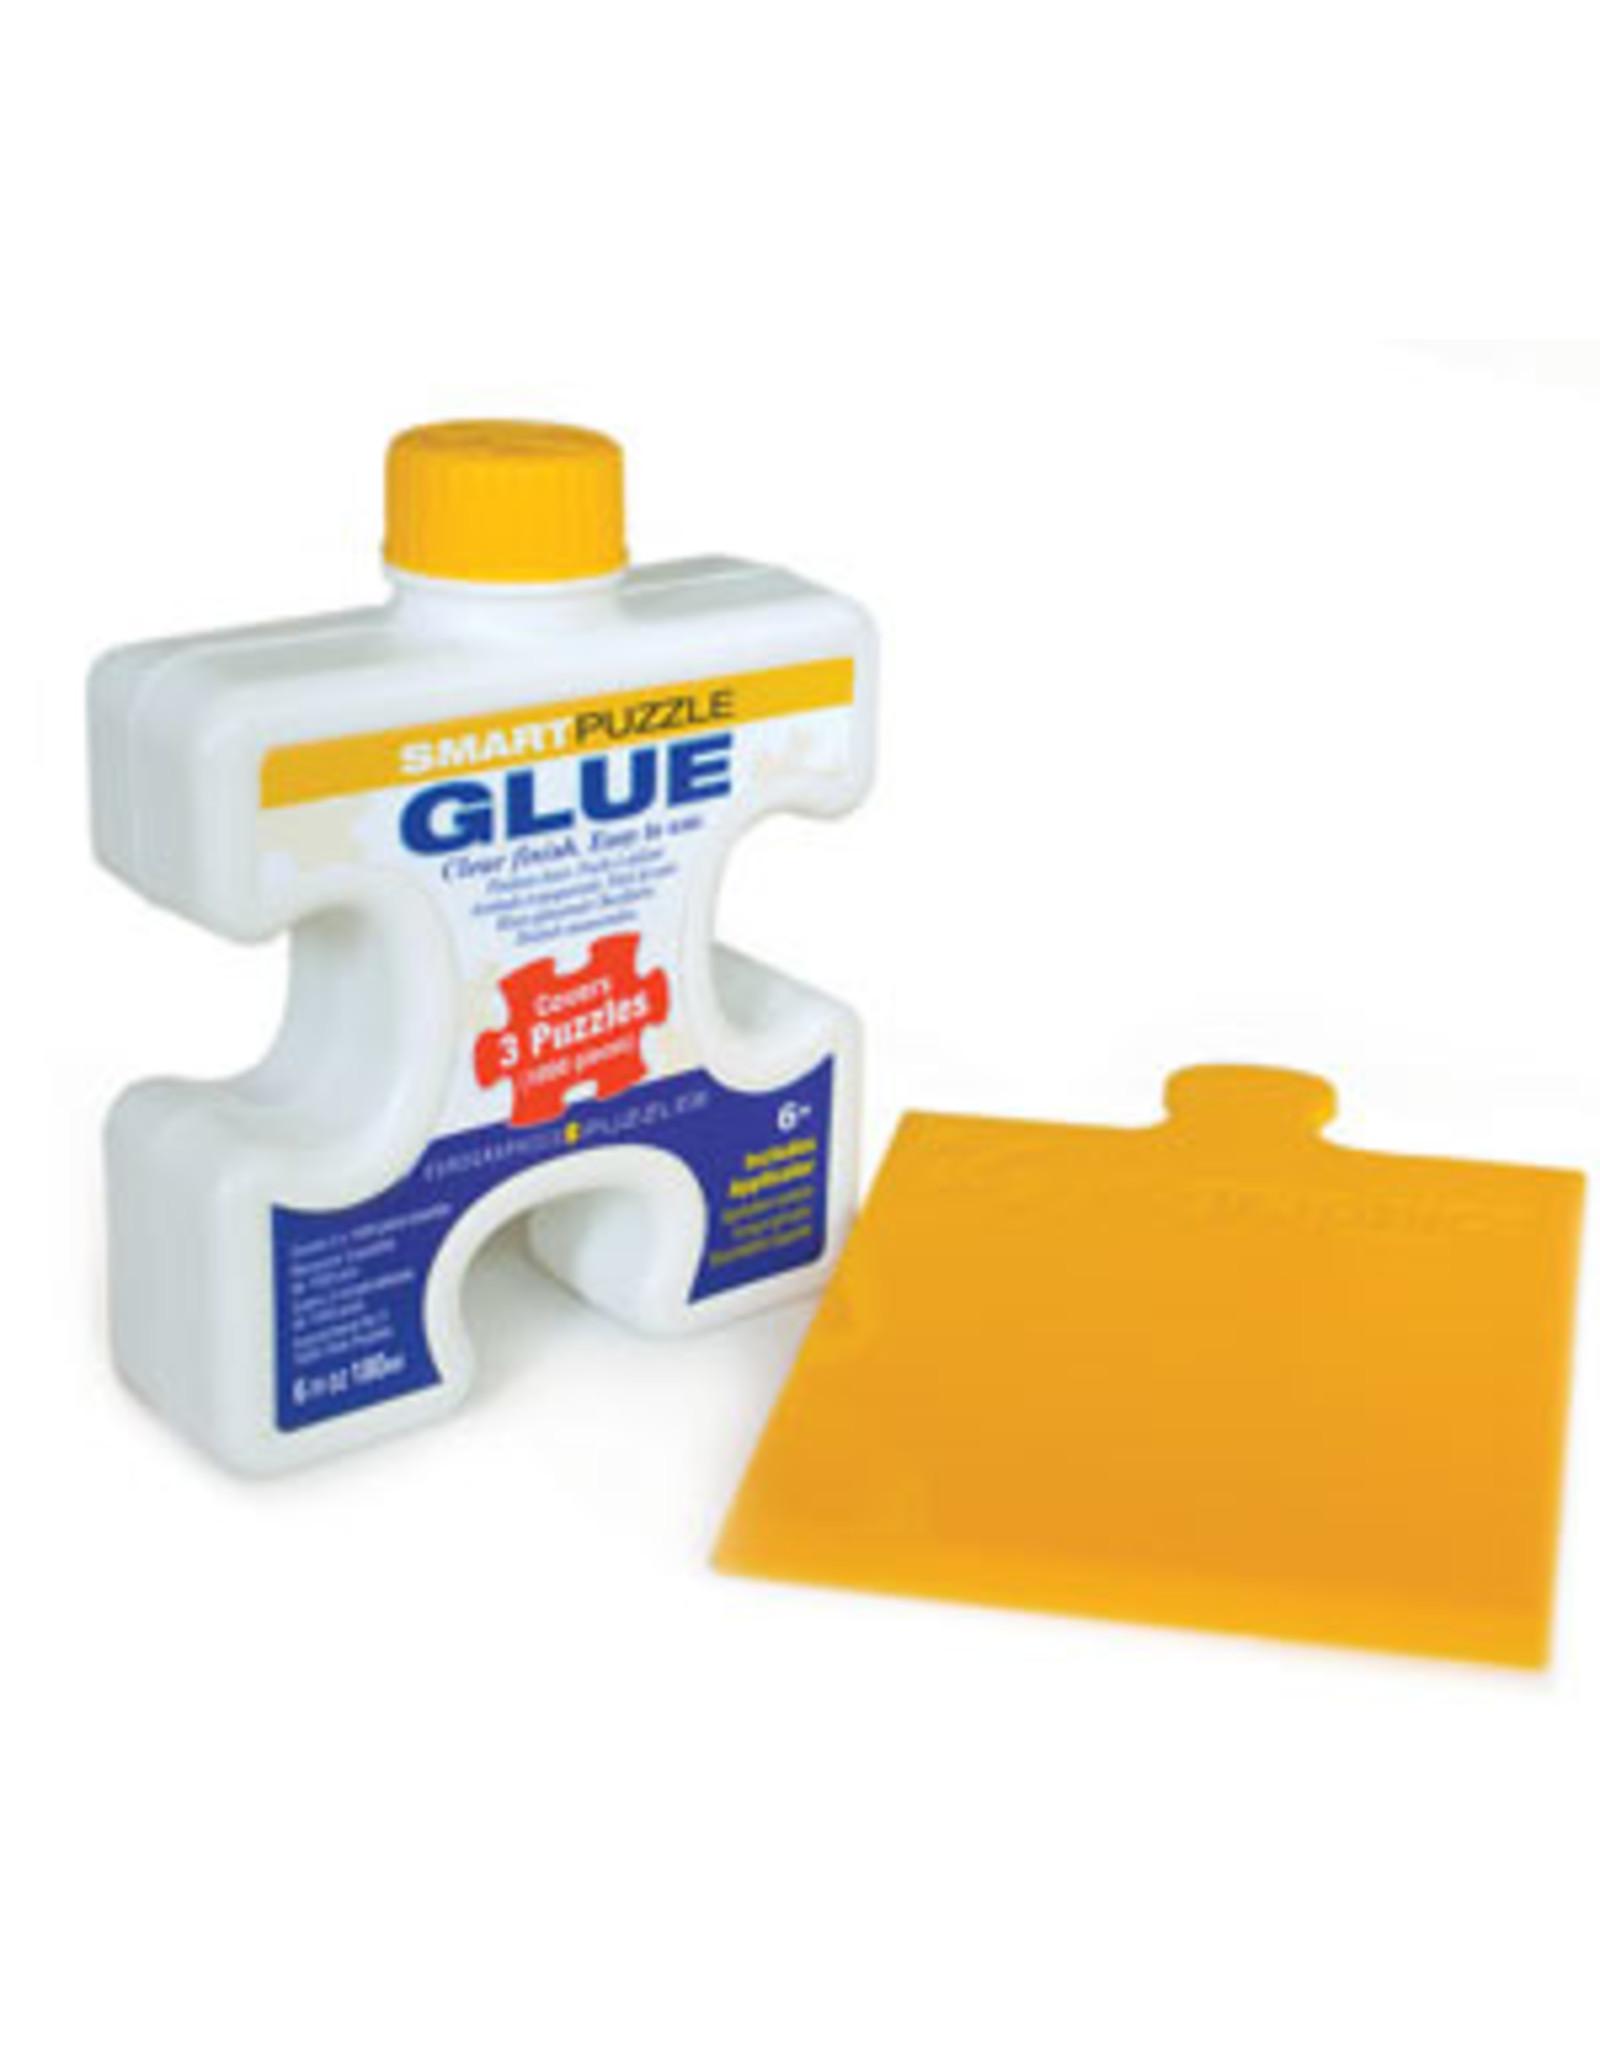 Eurographics Puzzle Glue Bottle